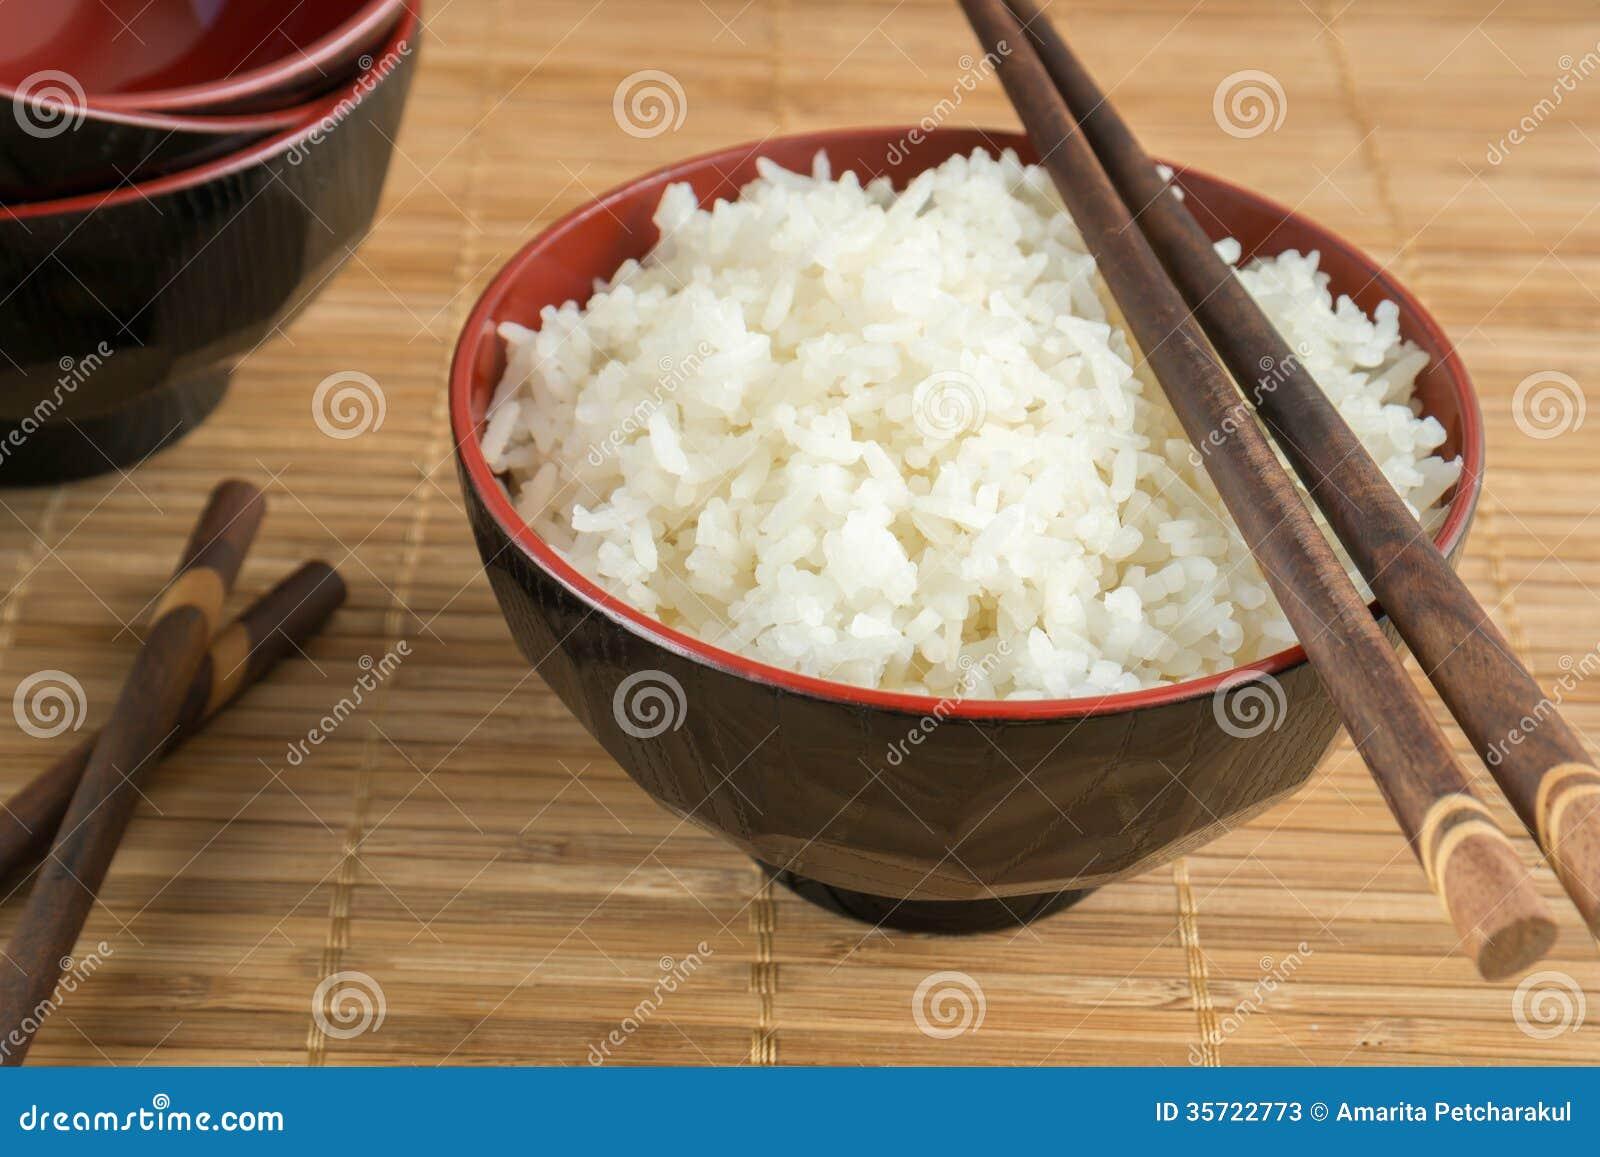 le blanc a cuit le riz la vapeur dans une cuvette avec des baguettes photos stock image. Black Bedroom Furniture Sets. Home Design Ideas